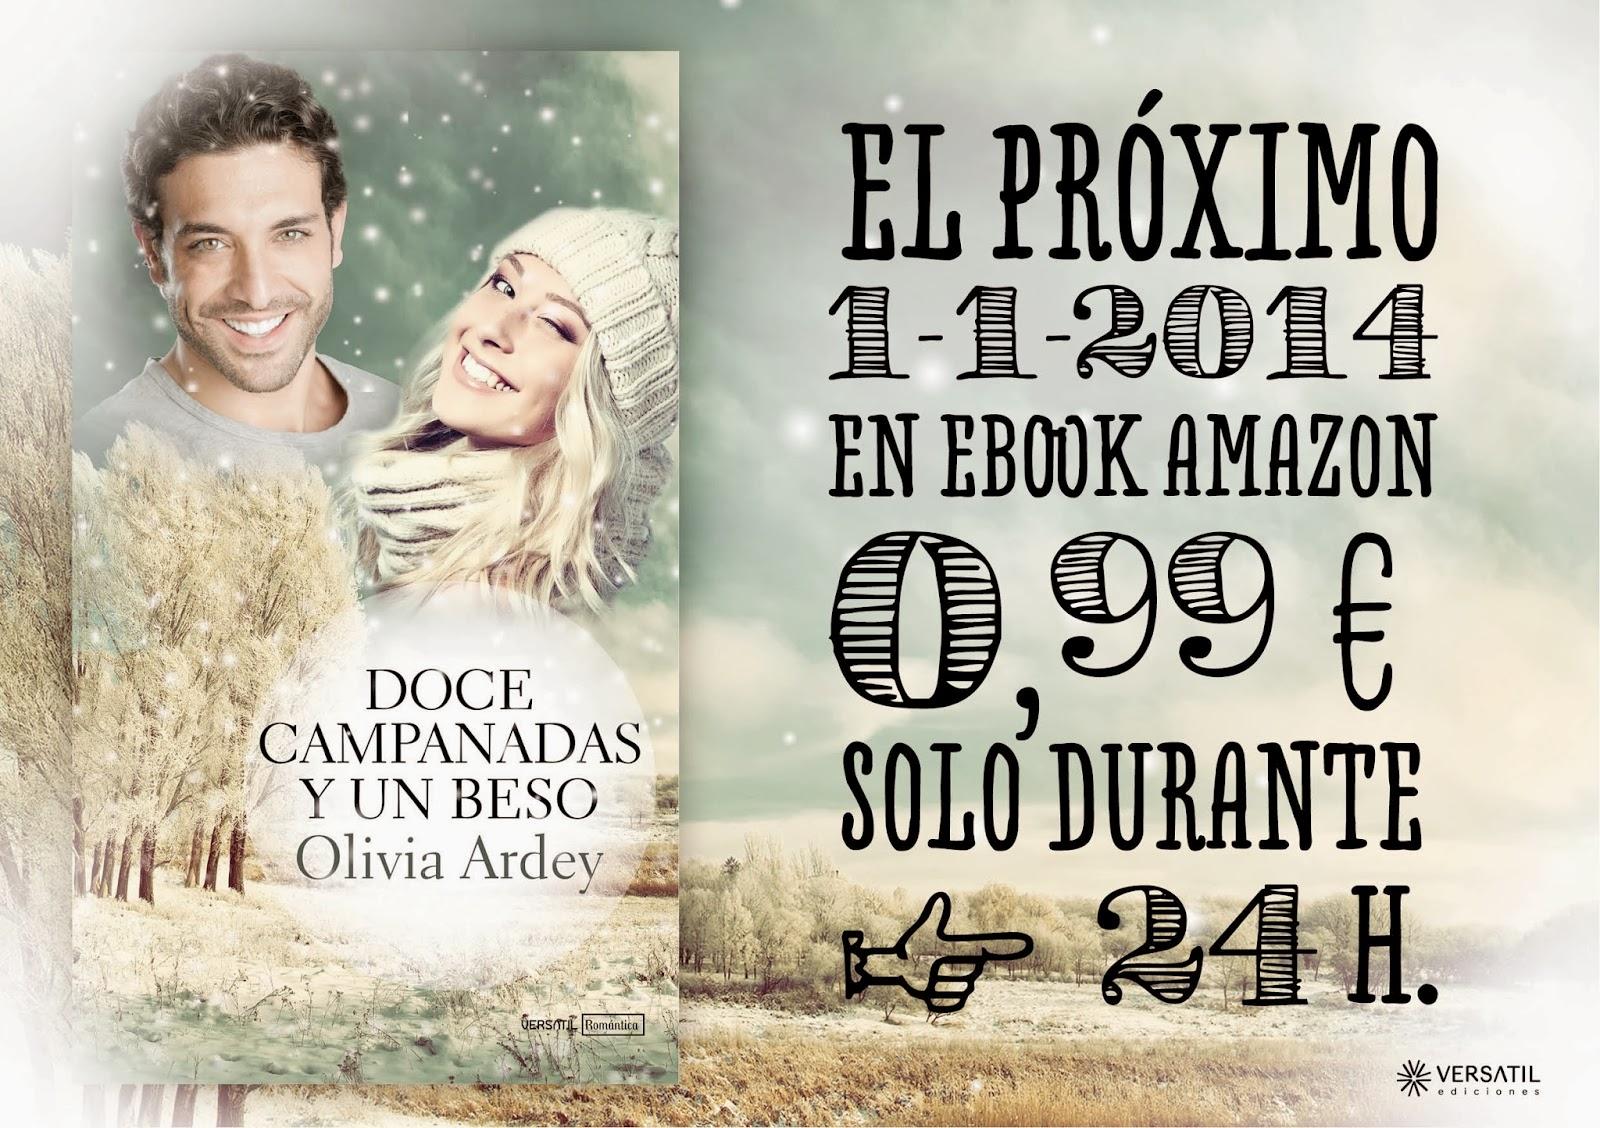 http://www.amazon.es/Doce-campanadas-beso-Olivia-Ardey-ebook/dp/B00GZKONEI/ref=sr_1_1?ie=UTF8&qid=1388584302&sr=8-1&keywords=olivia+ardey